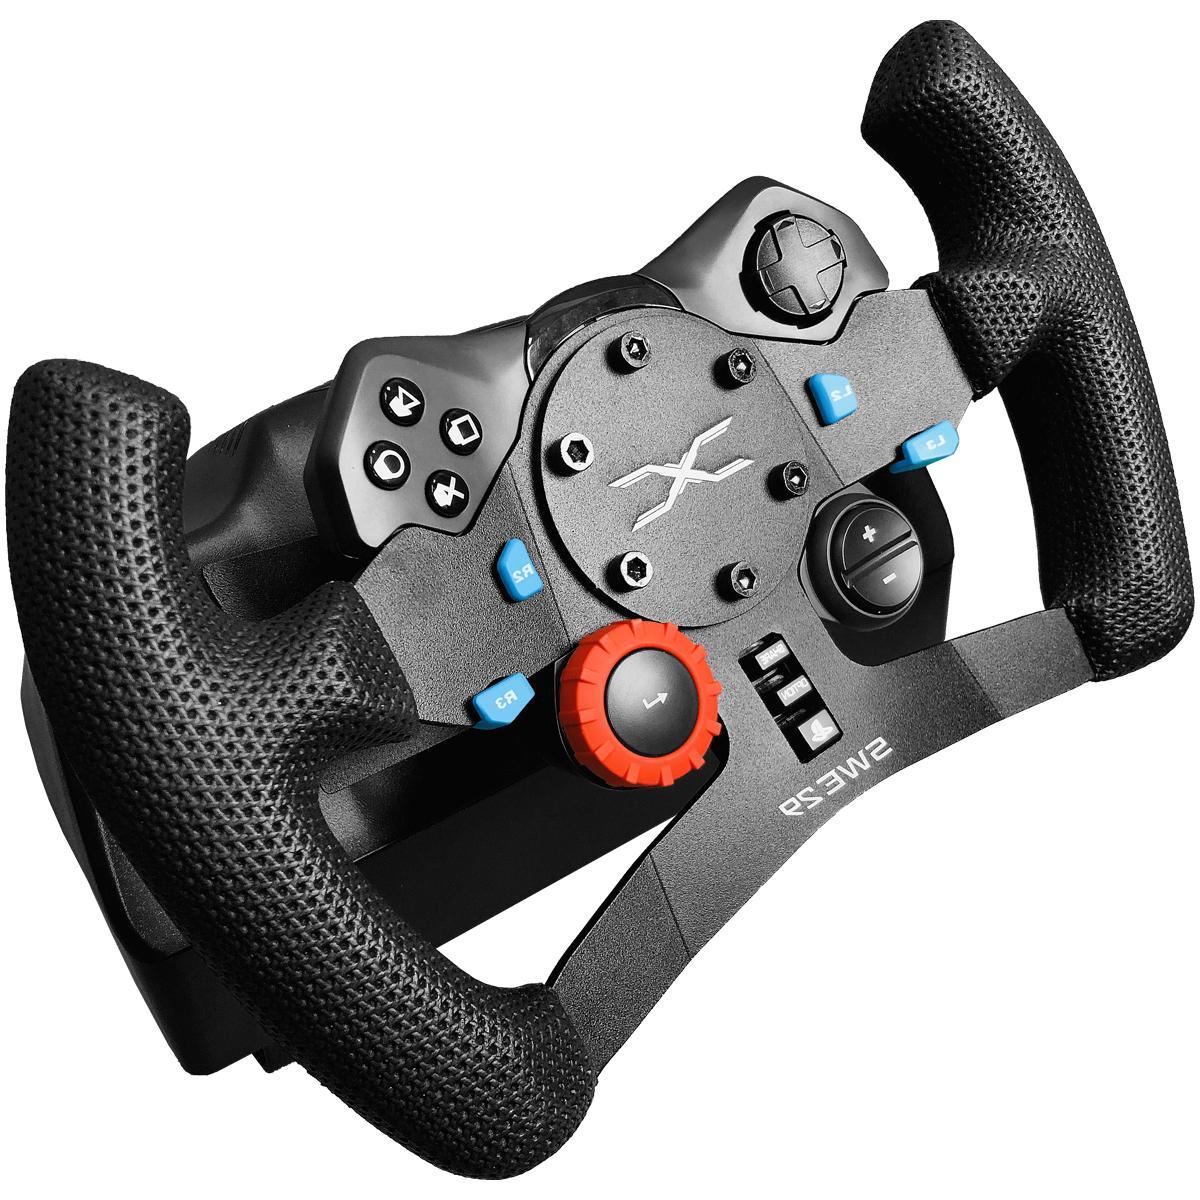 ESR 29 GT Steering - Fits